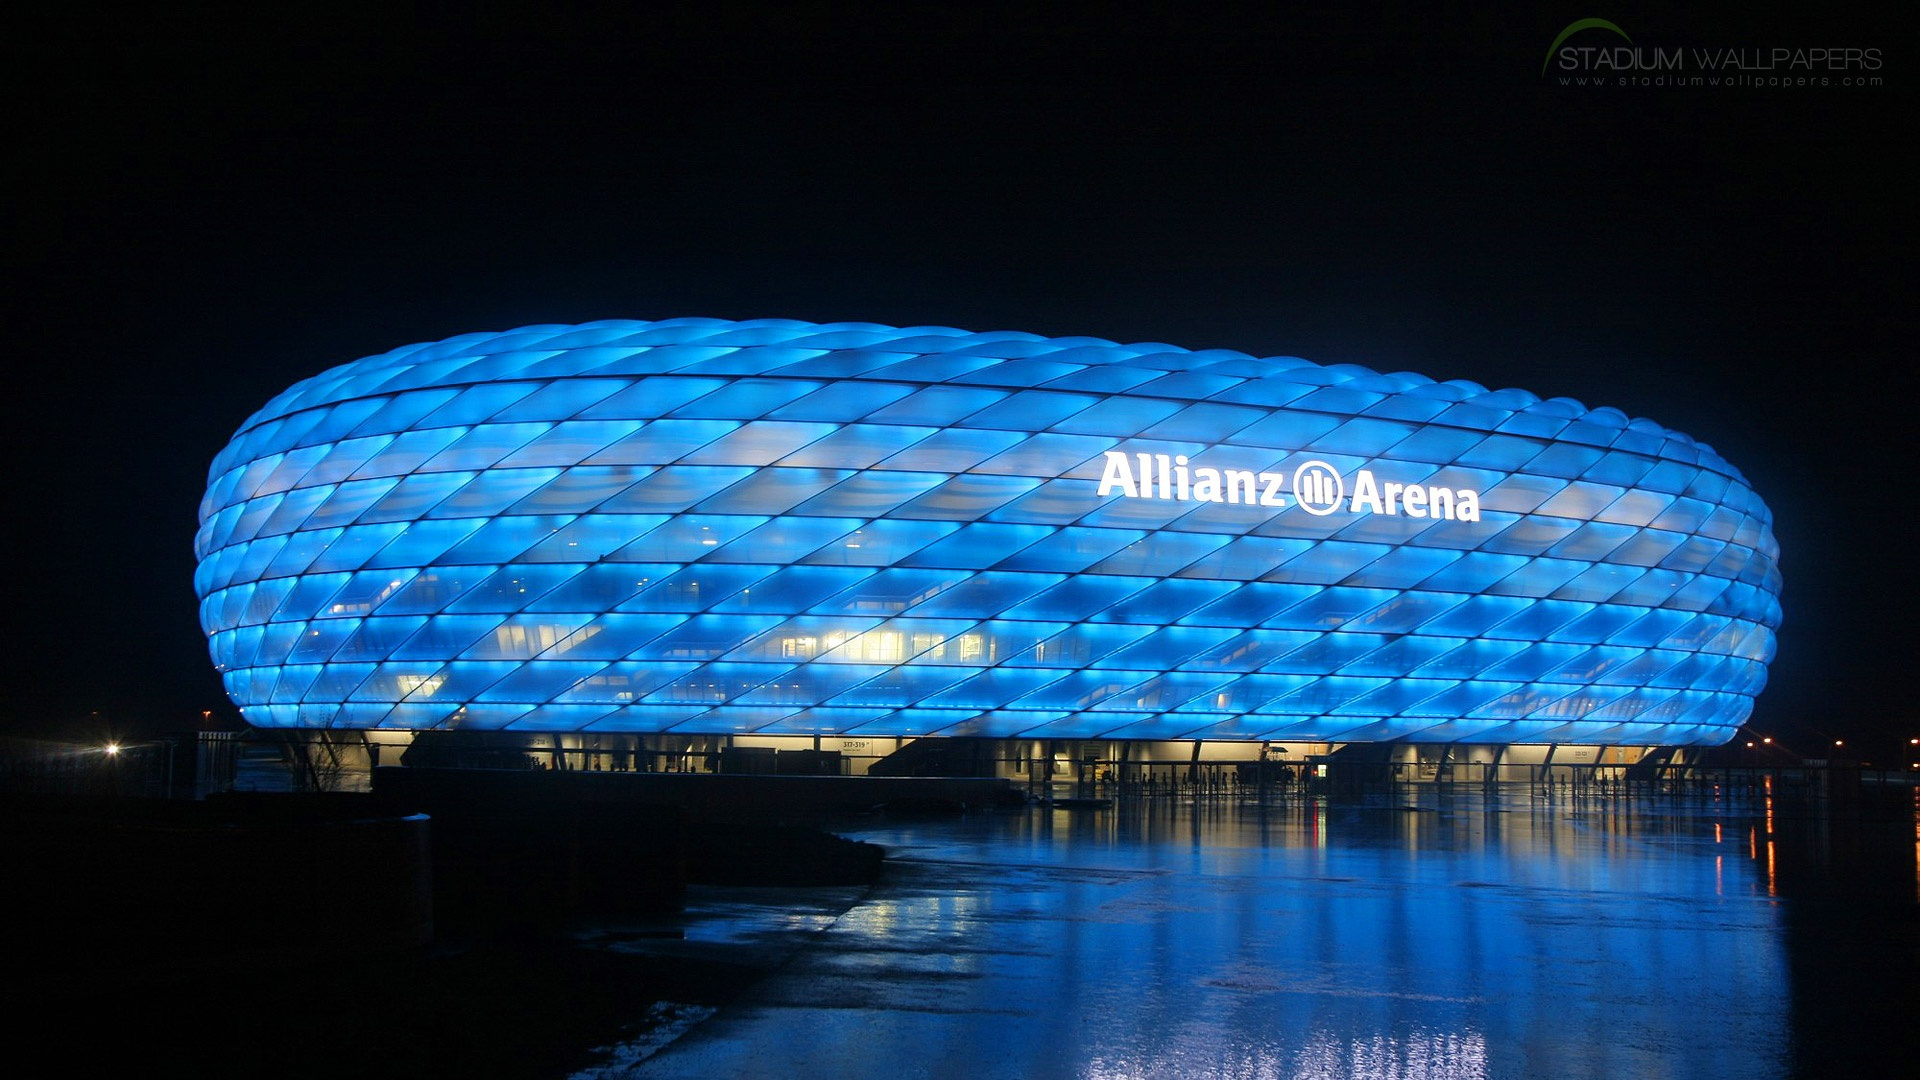 bayern-munchen-allianz-arena-stadium_01